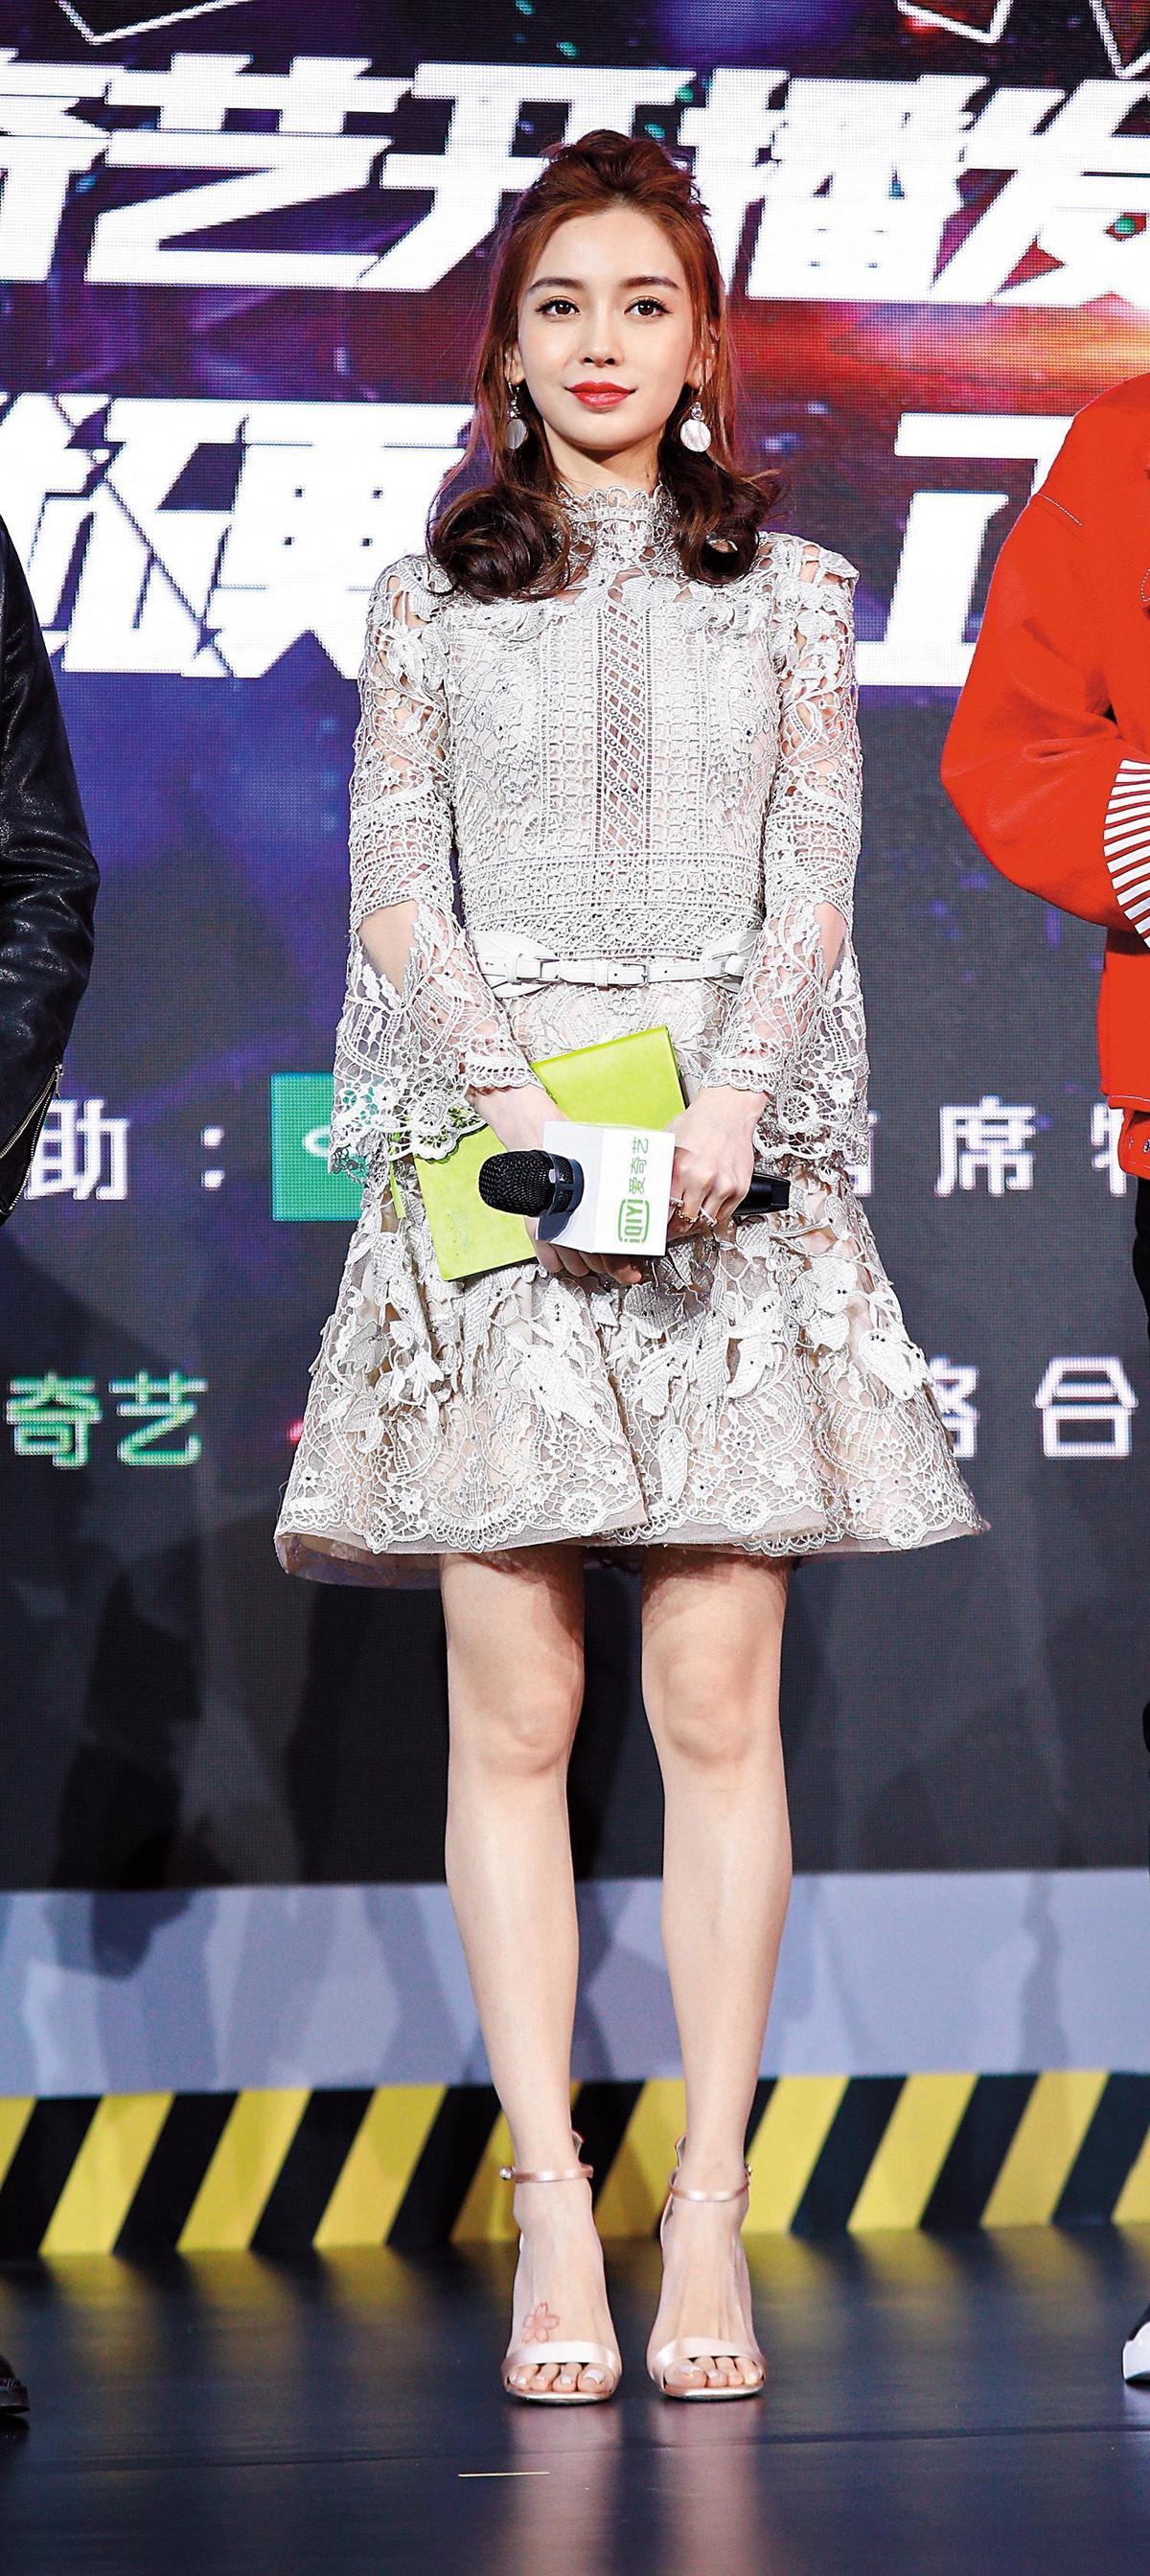 在北京的網路綜藝節目《機器人爭霸》開播發布會上,Angelababy的蕾絲刺繡洋裝好有氣質啊!充滿浪漫的女性風格中,加上同色系腰帶,更顯得女人味十足。(東方IC)